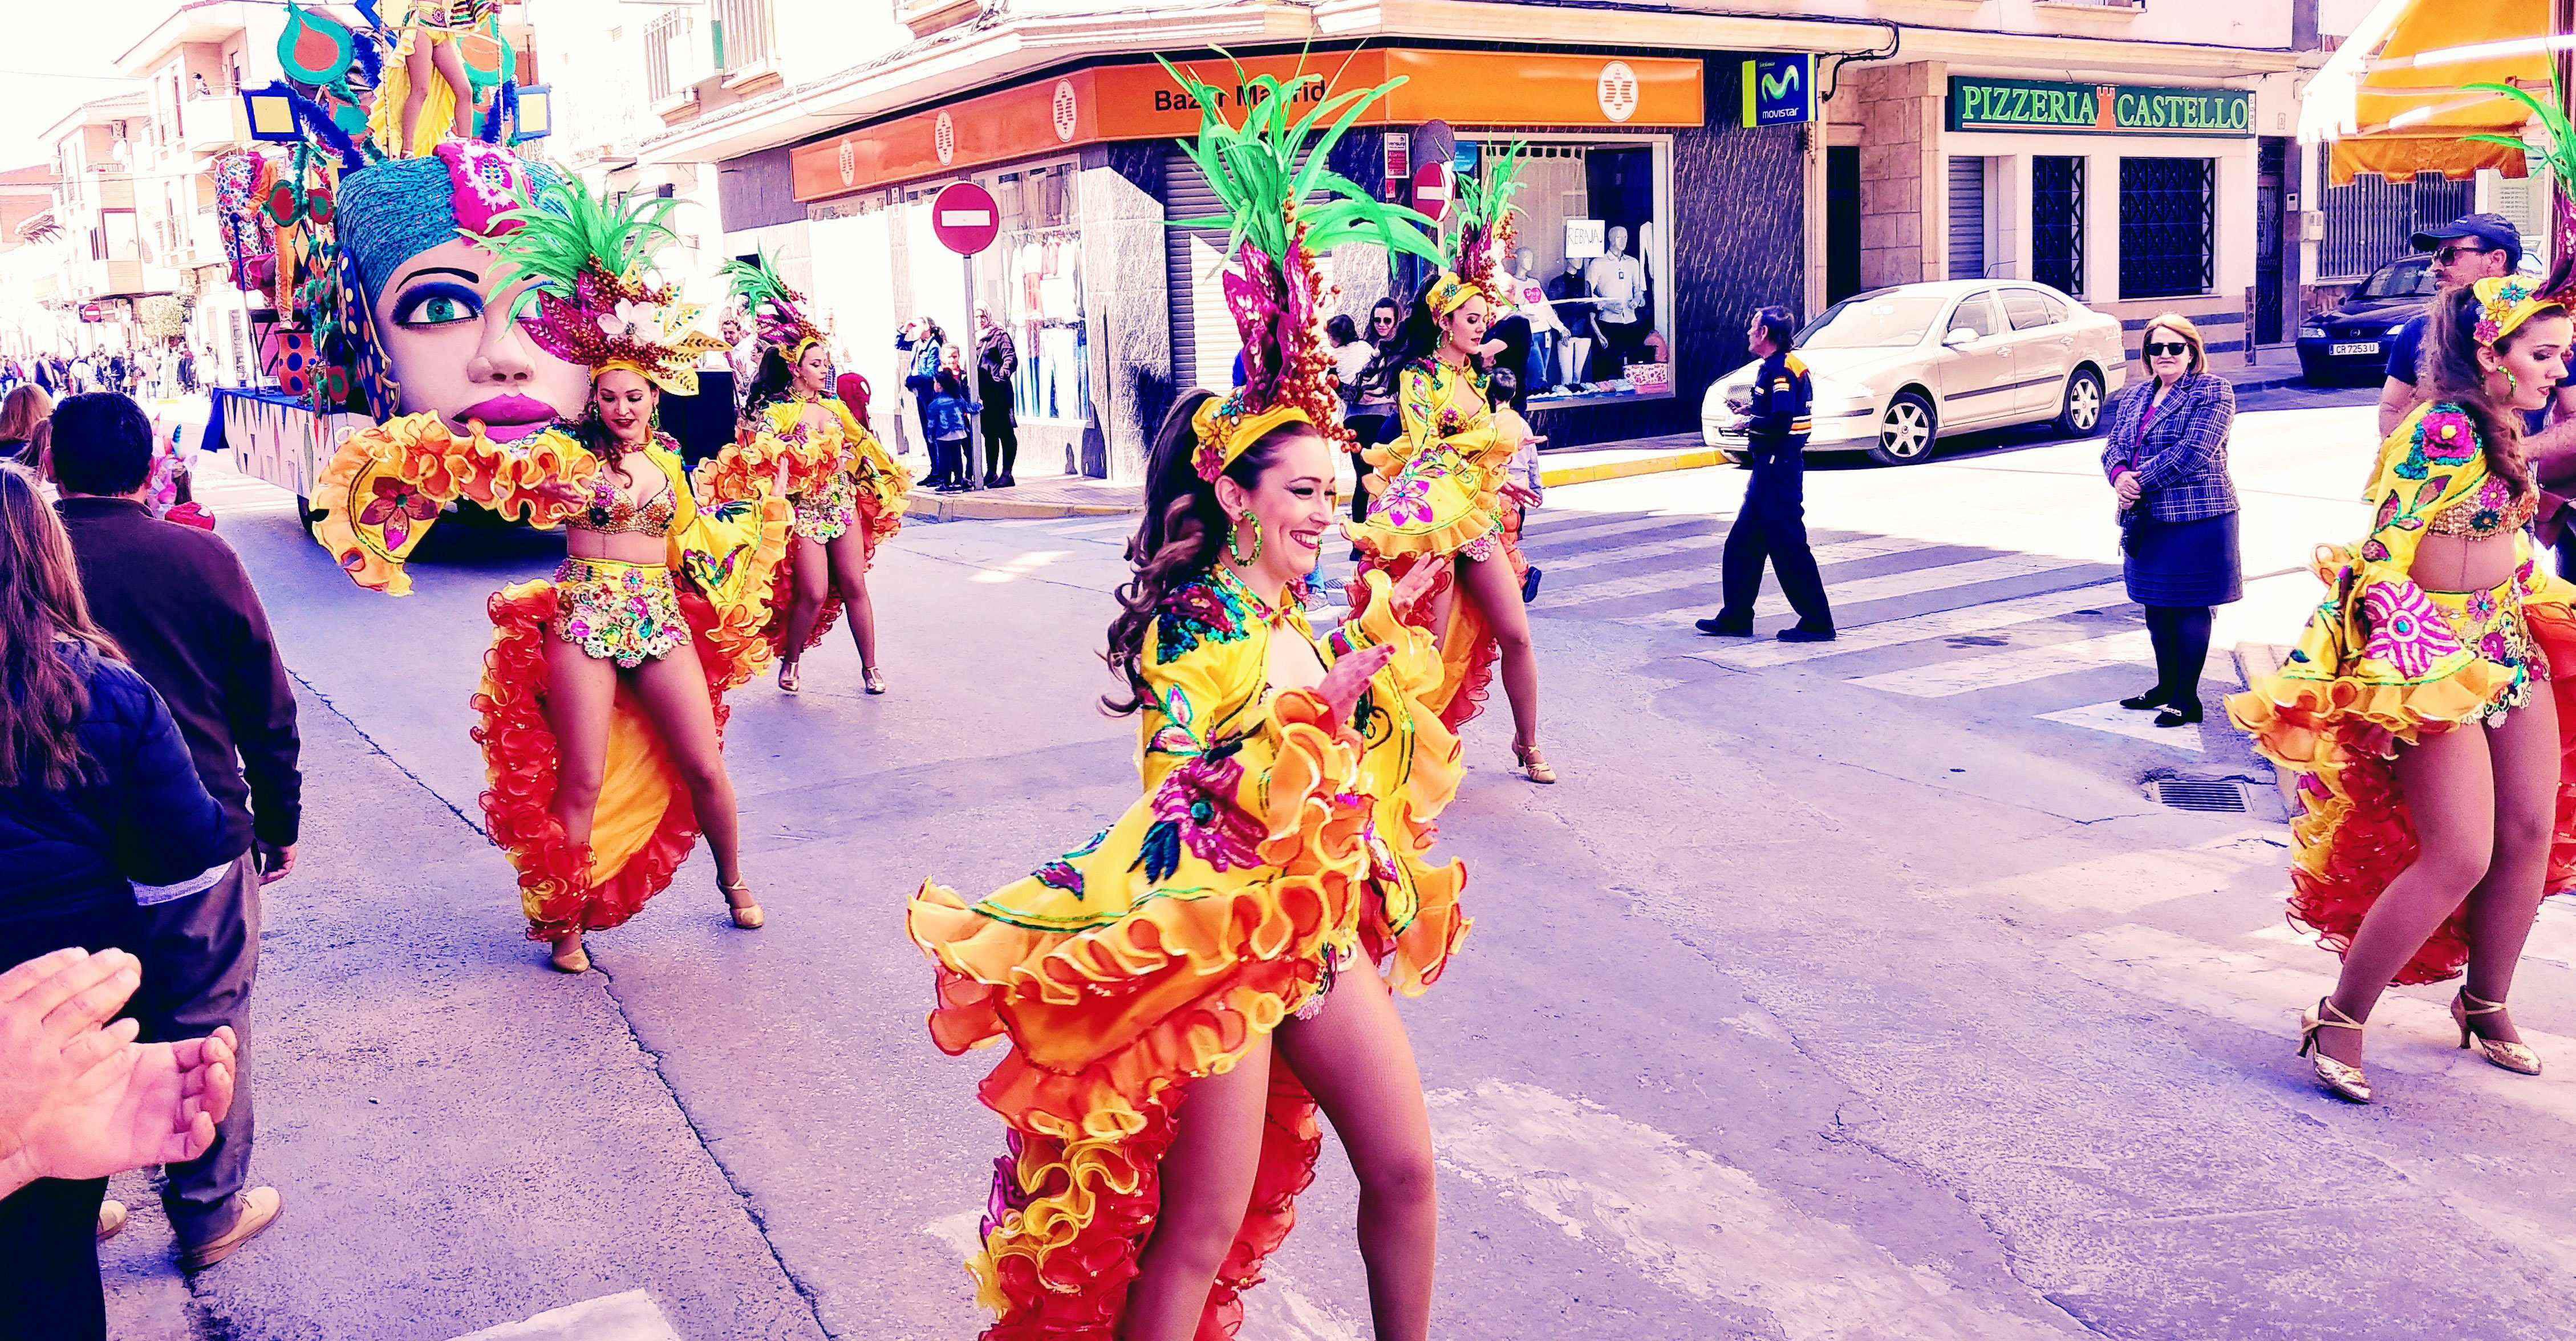 Cerca de 1.500 personas desfilarán en el 30º Desfile Regional del Carnaval de Villarrubia de los Ojos este domingo 23 de febrero